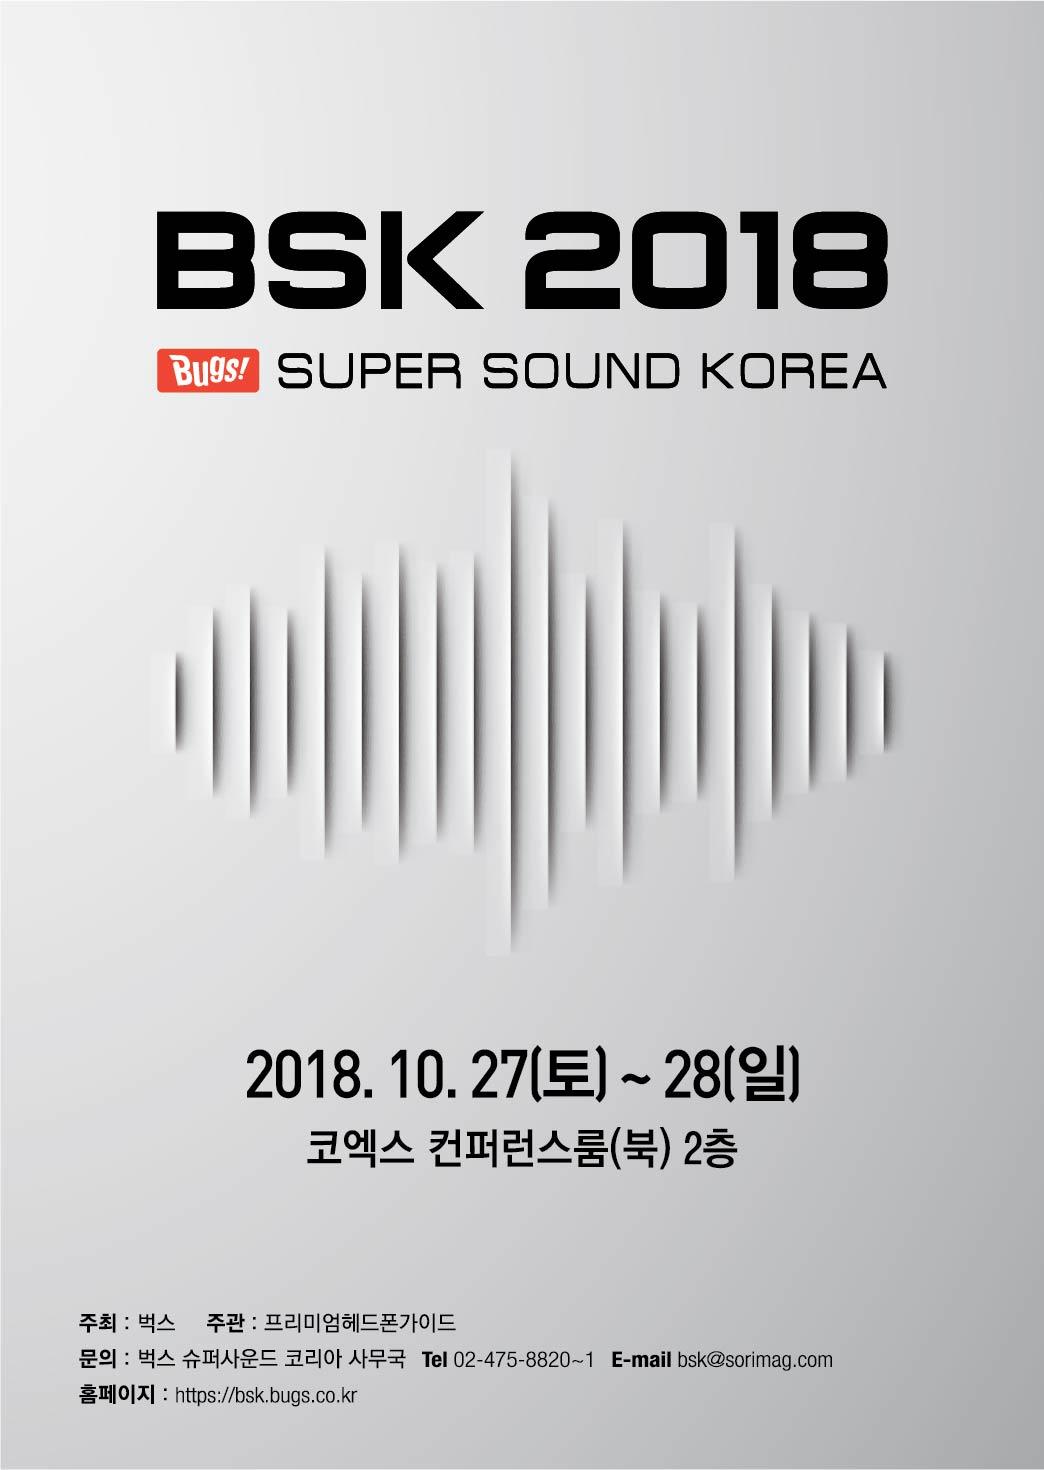 [NHN벅스_이미지] 'BSK 2018' 포스터.jpg